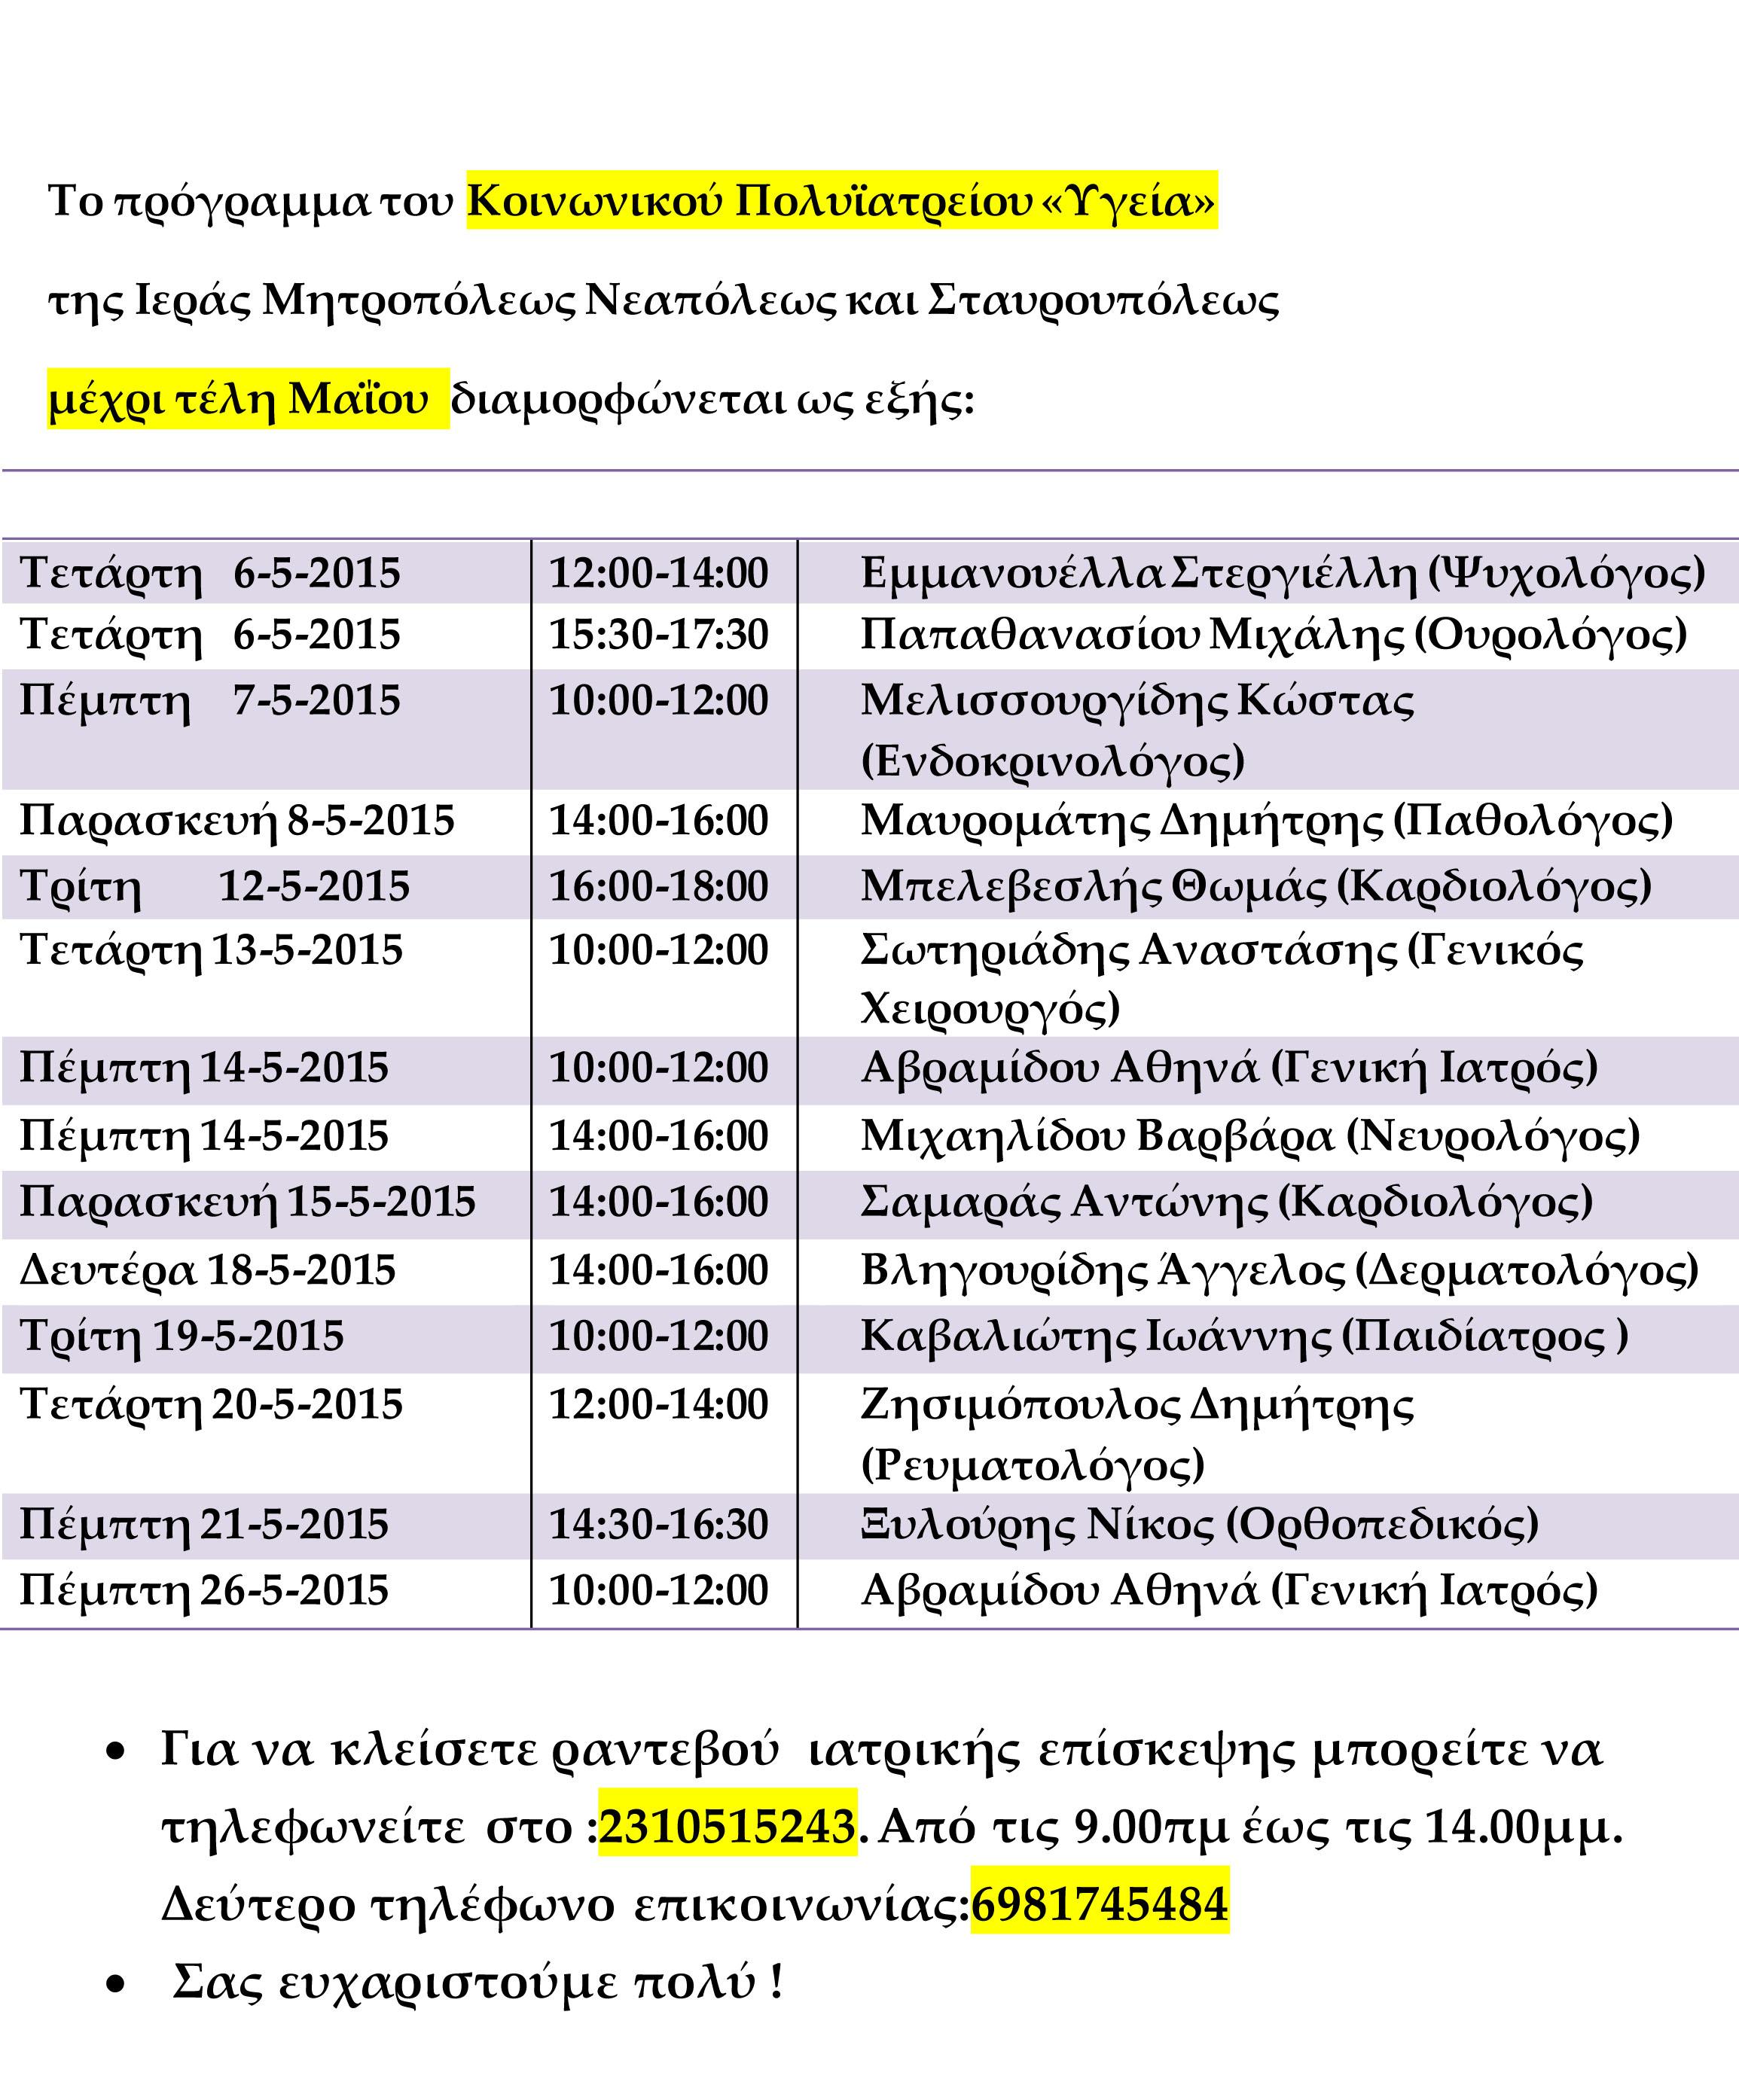 Το πρόγραμμα του πολυϊατρείου Μάϊος 2015